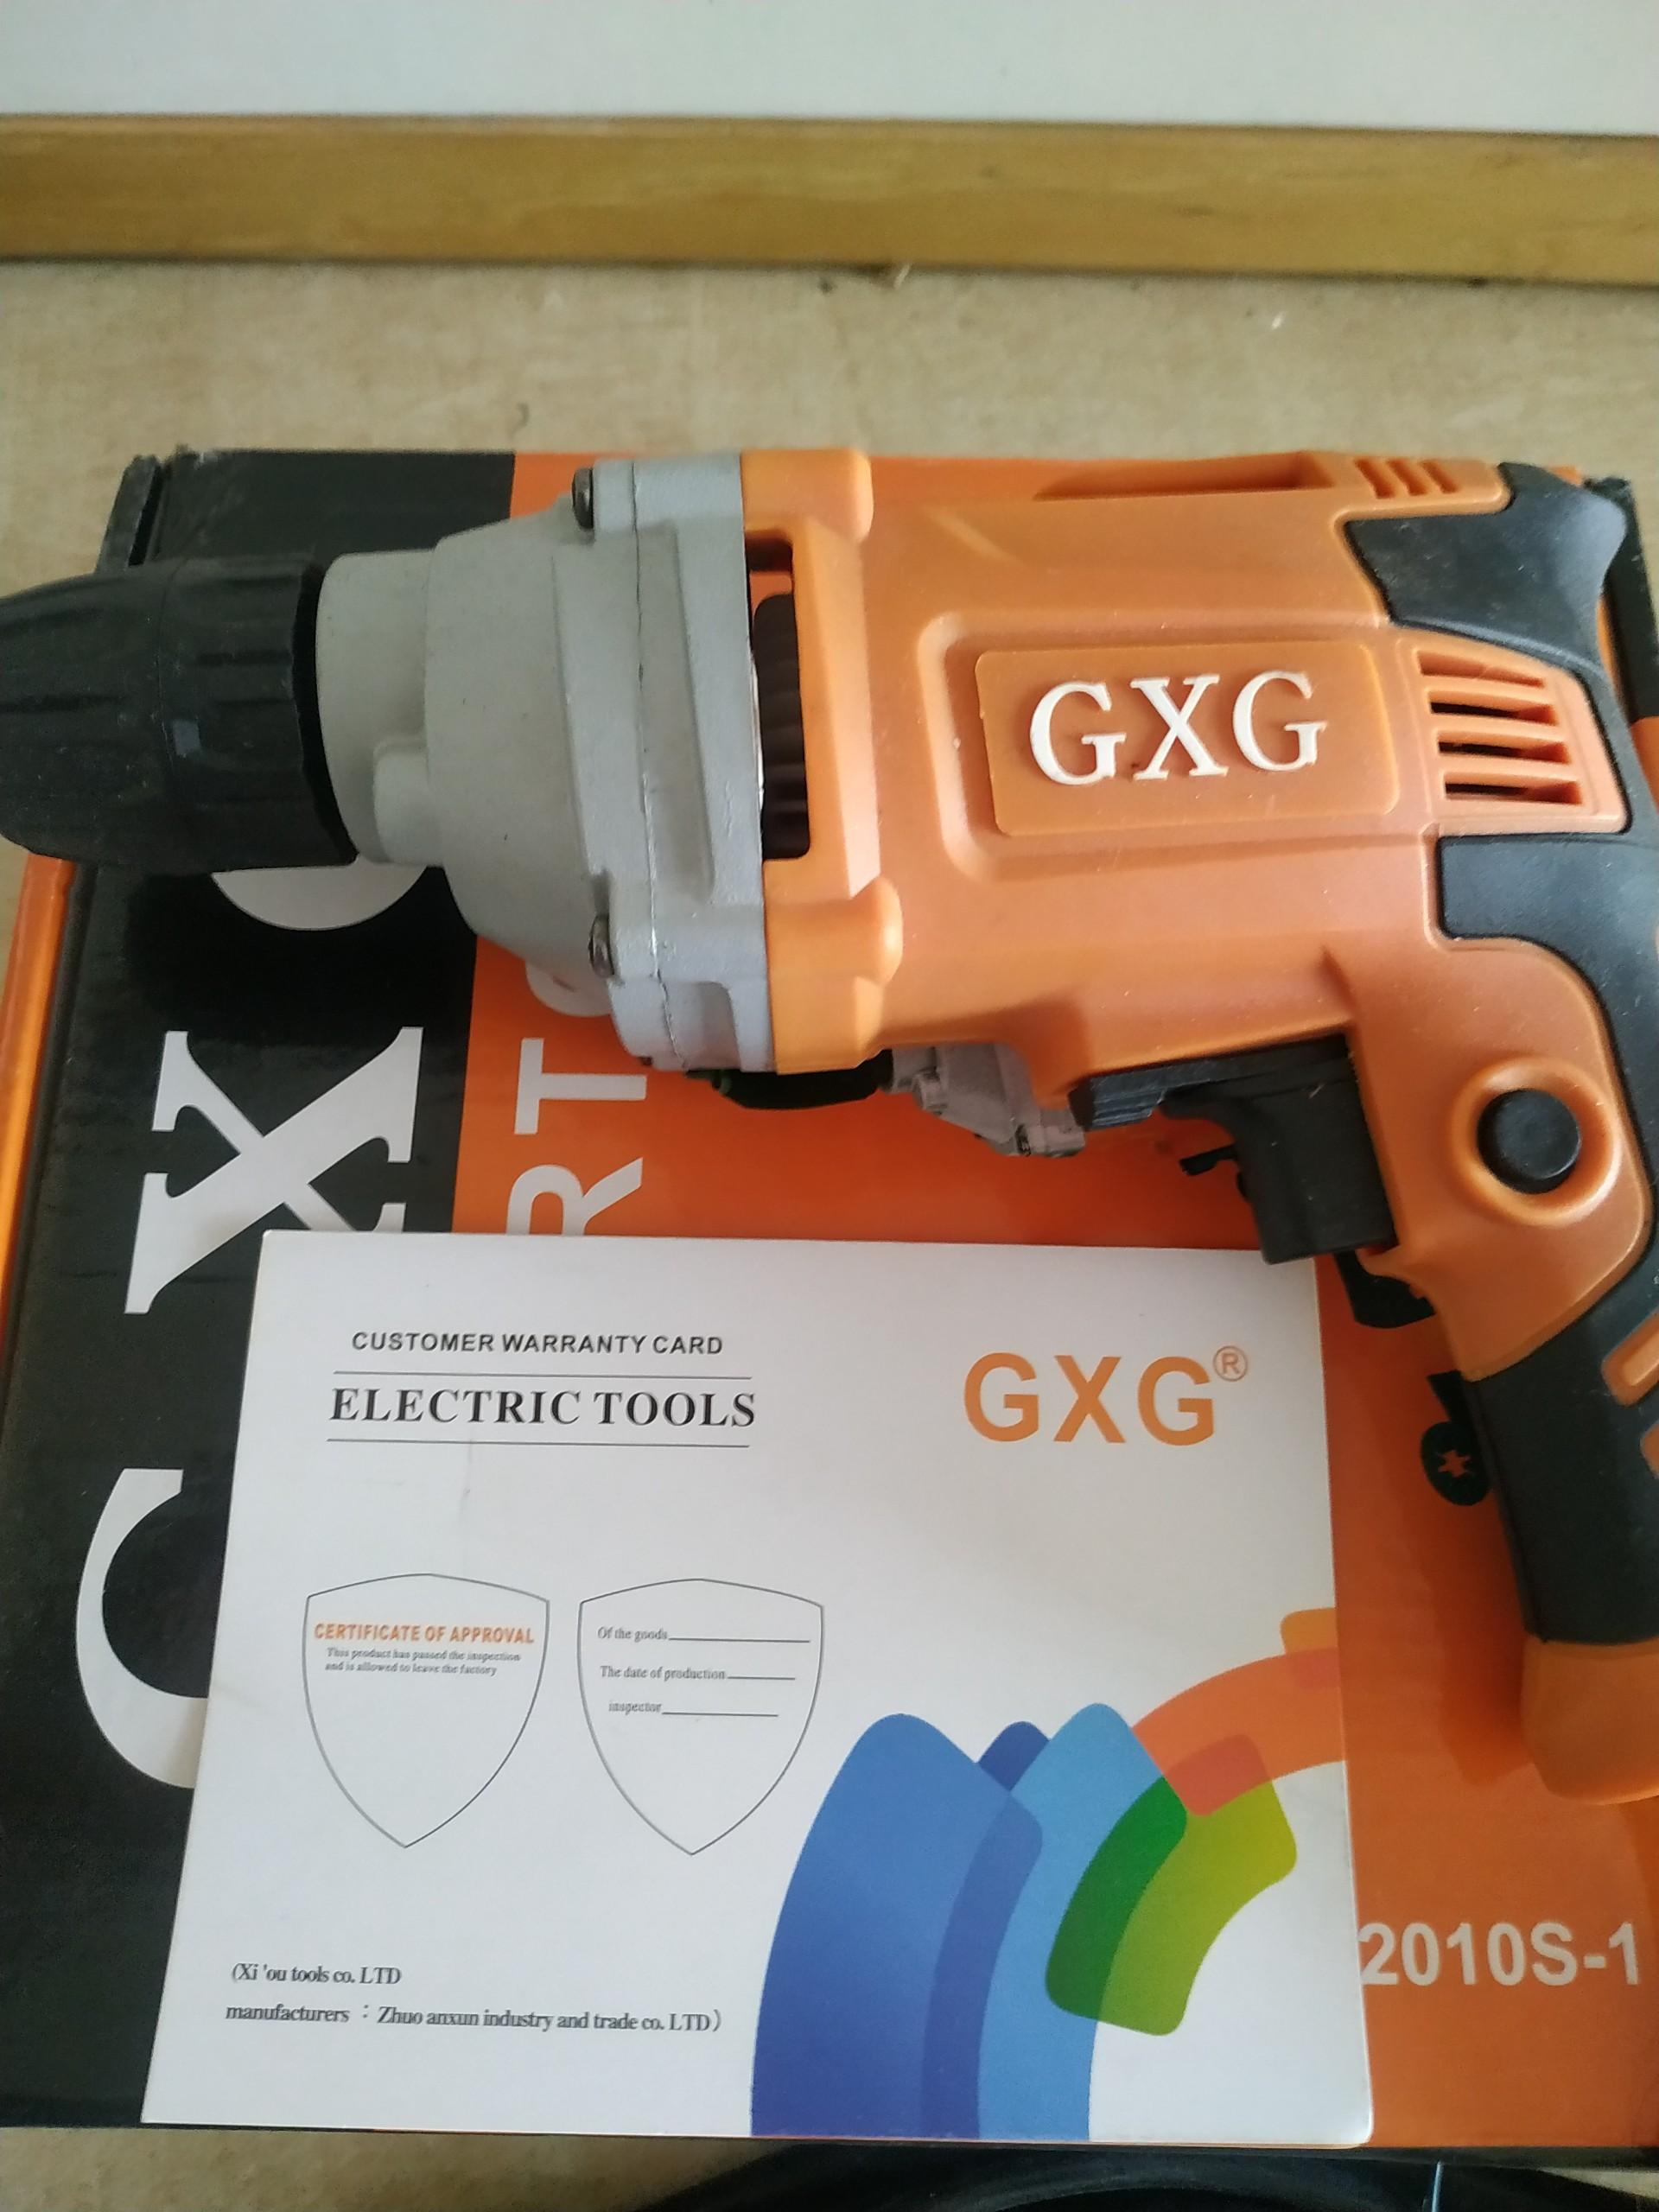 Máy khoan điện GXG 10ly, công suất 490W